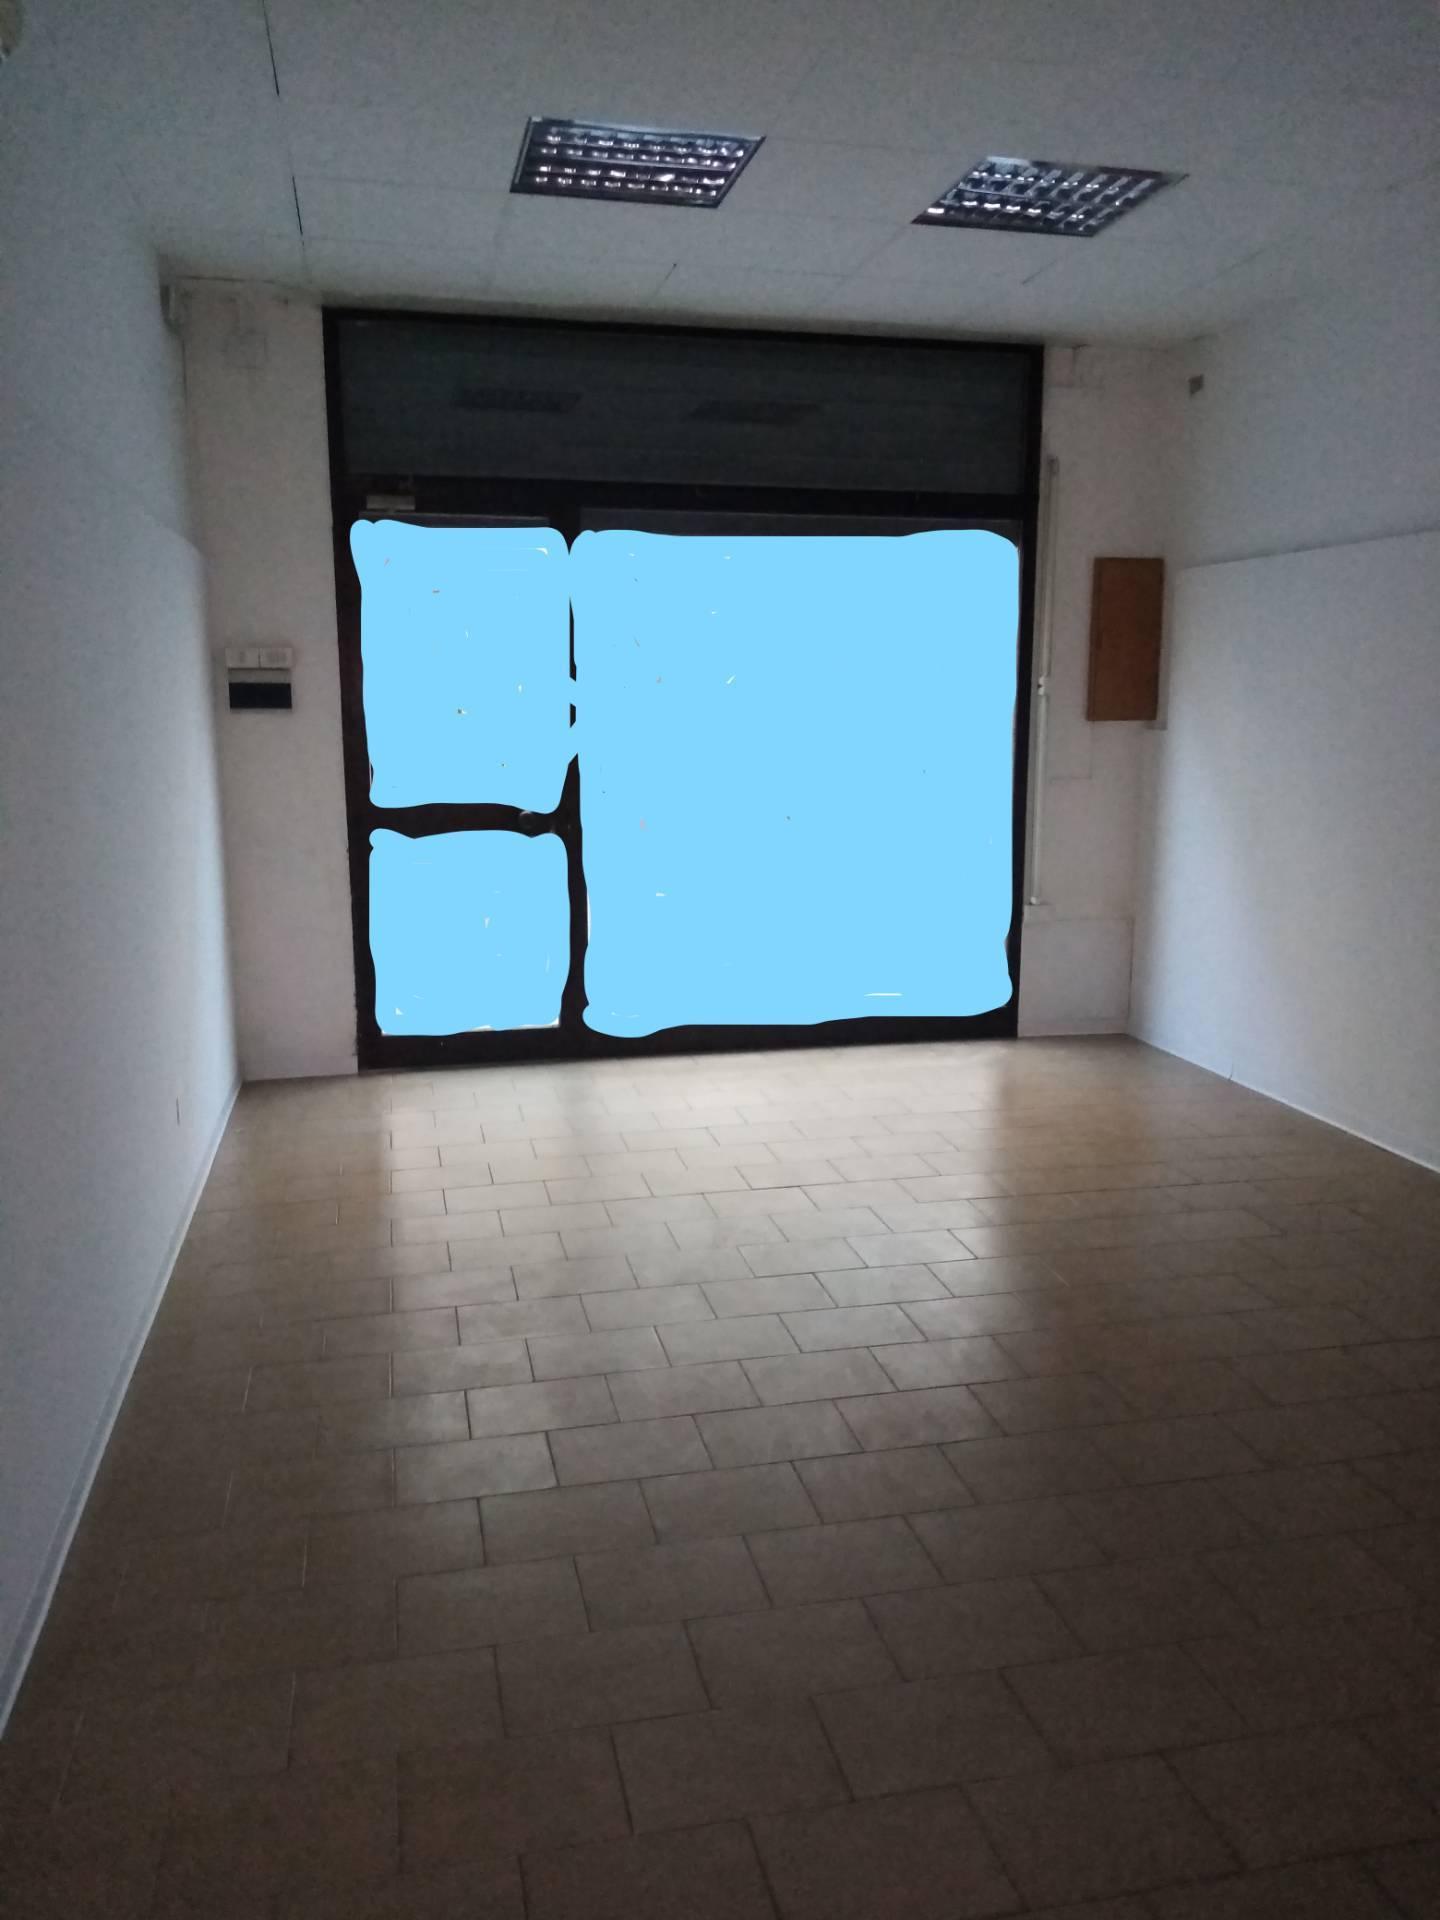 Negozio / Locale in affitto a Massa Lombarda, 9999 locali, zona Località: MassaLombarda, prezzo € 400   CambioCasa.it